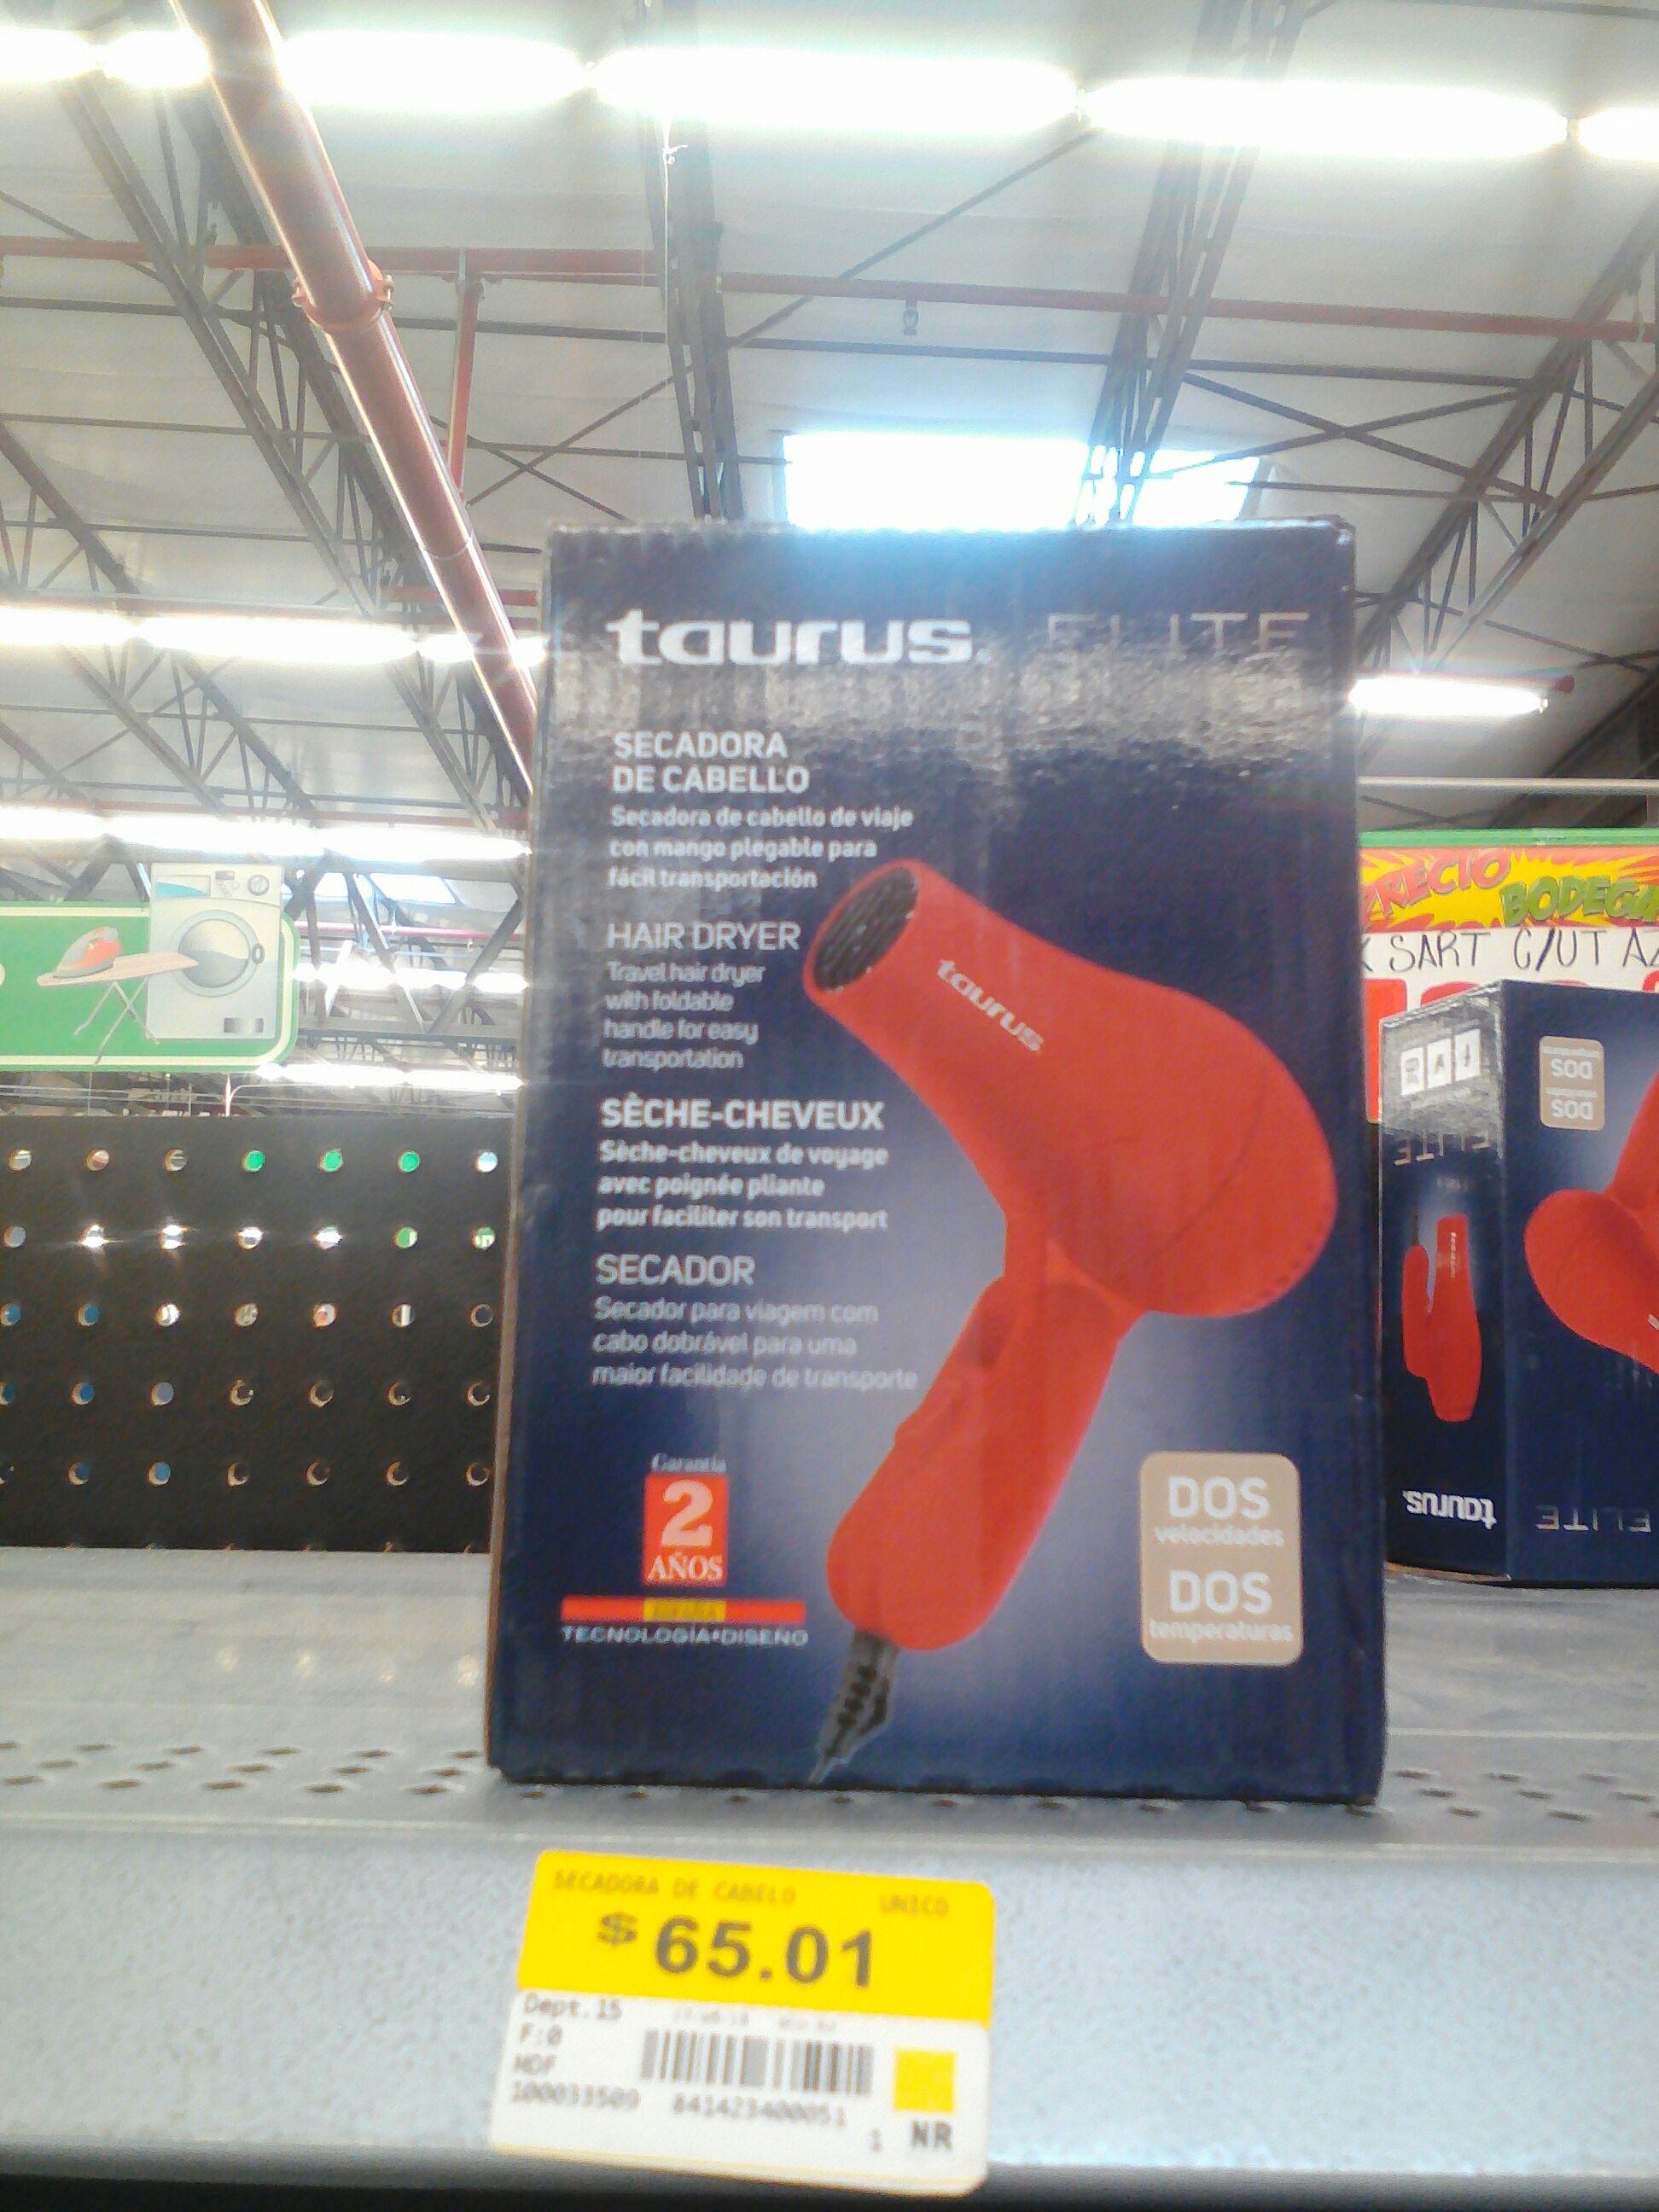 Bodega Aurrerá: Secadora de cabello Taurus a $65.01